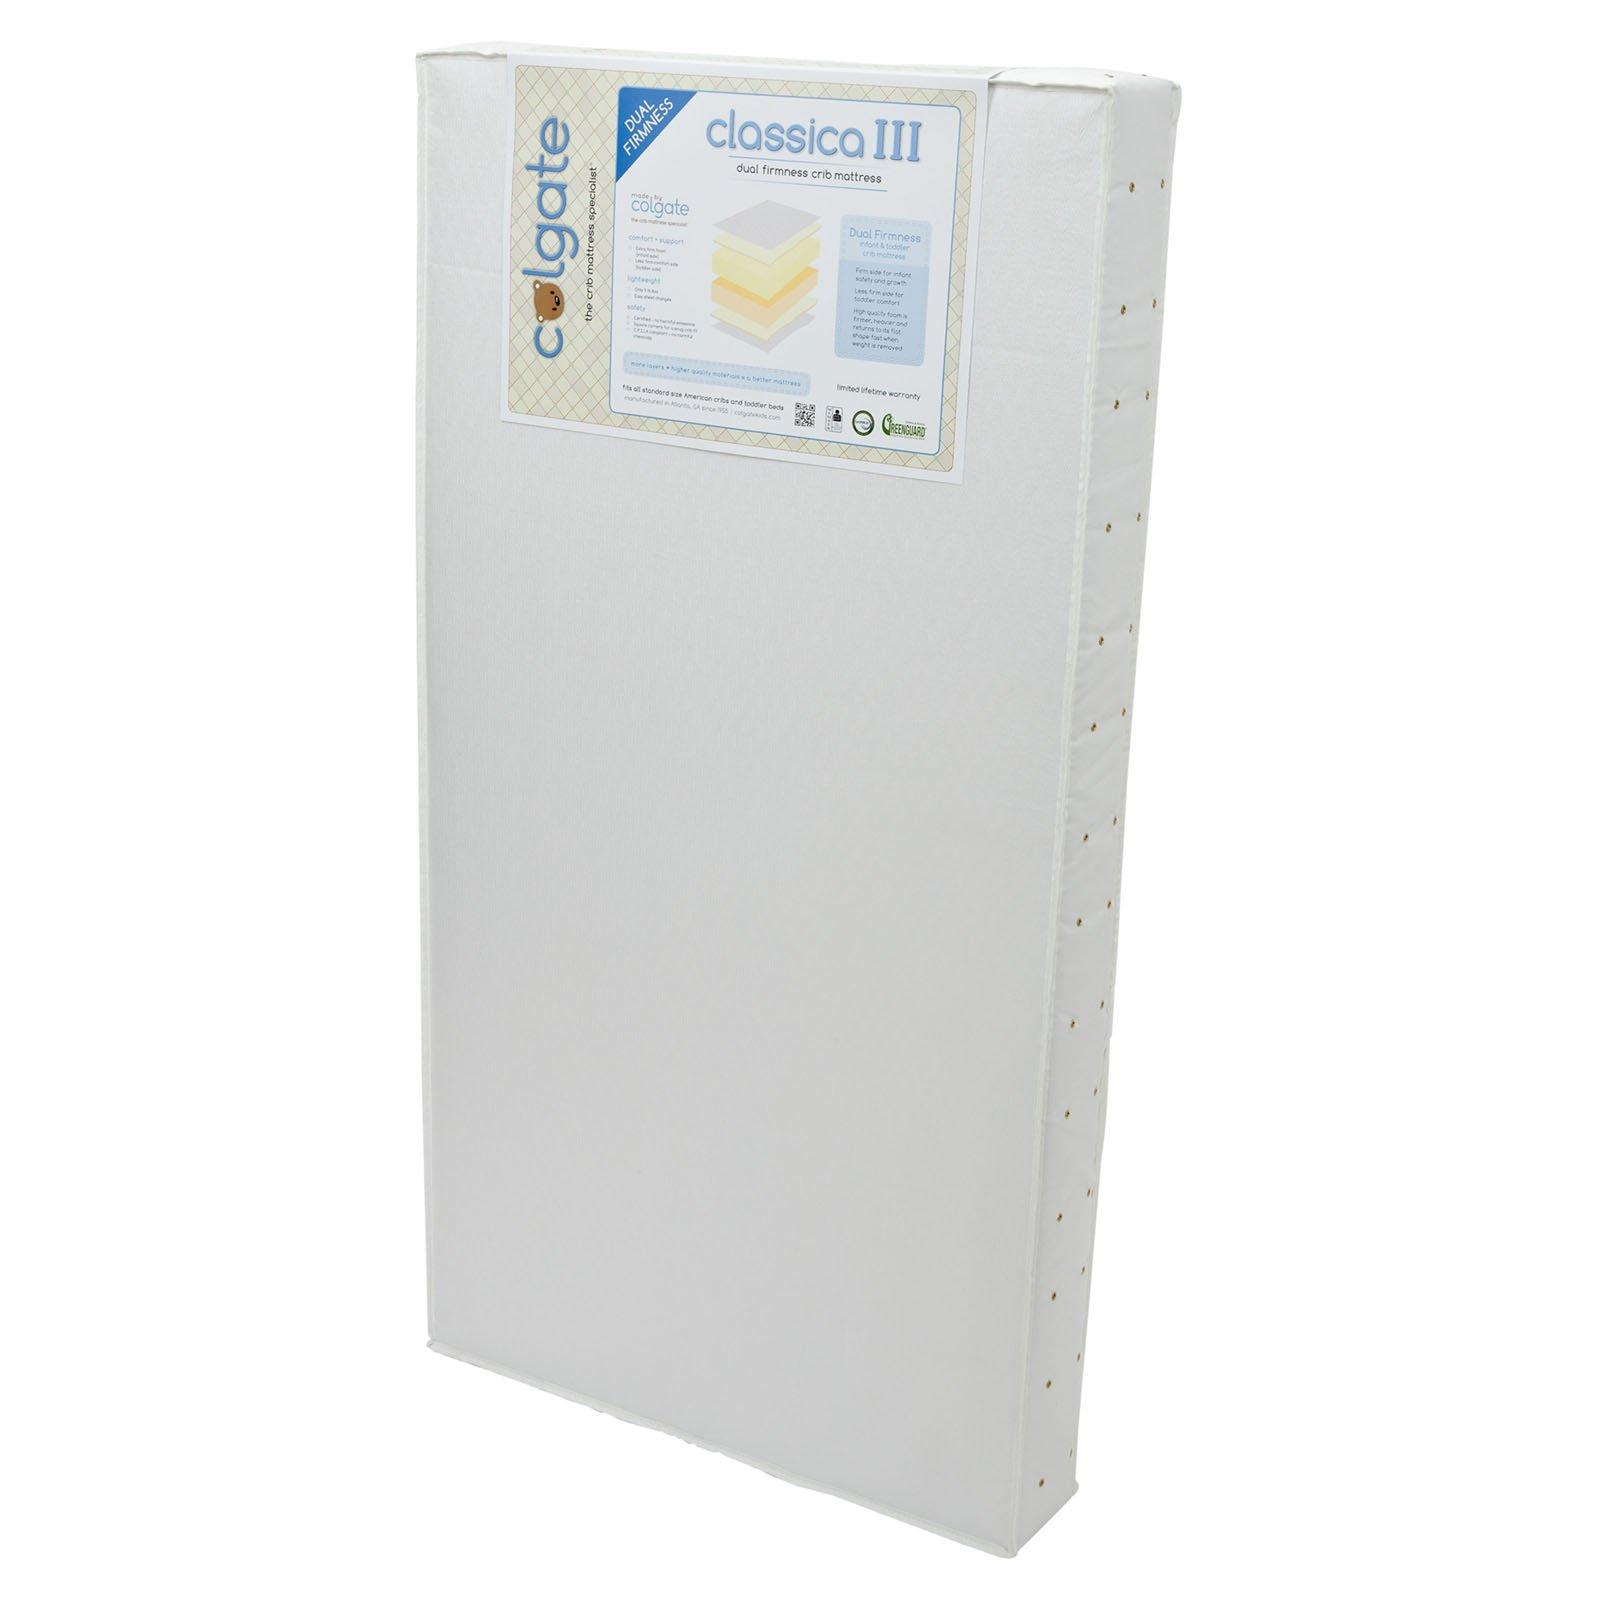 Colgate Classica III Dual Firmness Foam Crib Mattress by Colgate